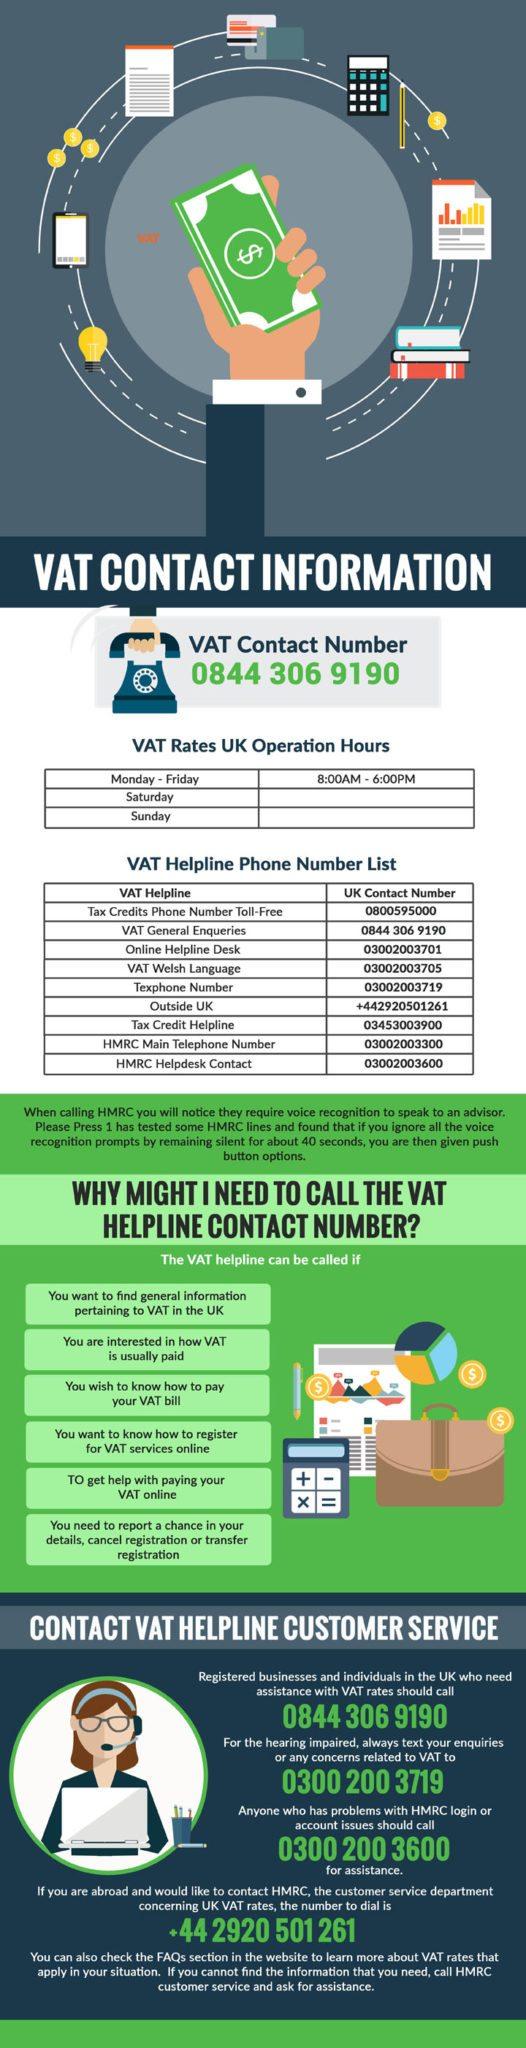 VAT Helpline